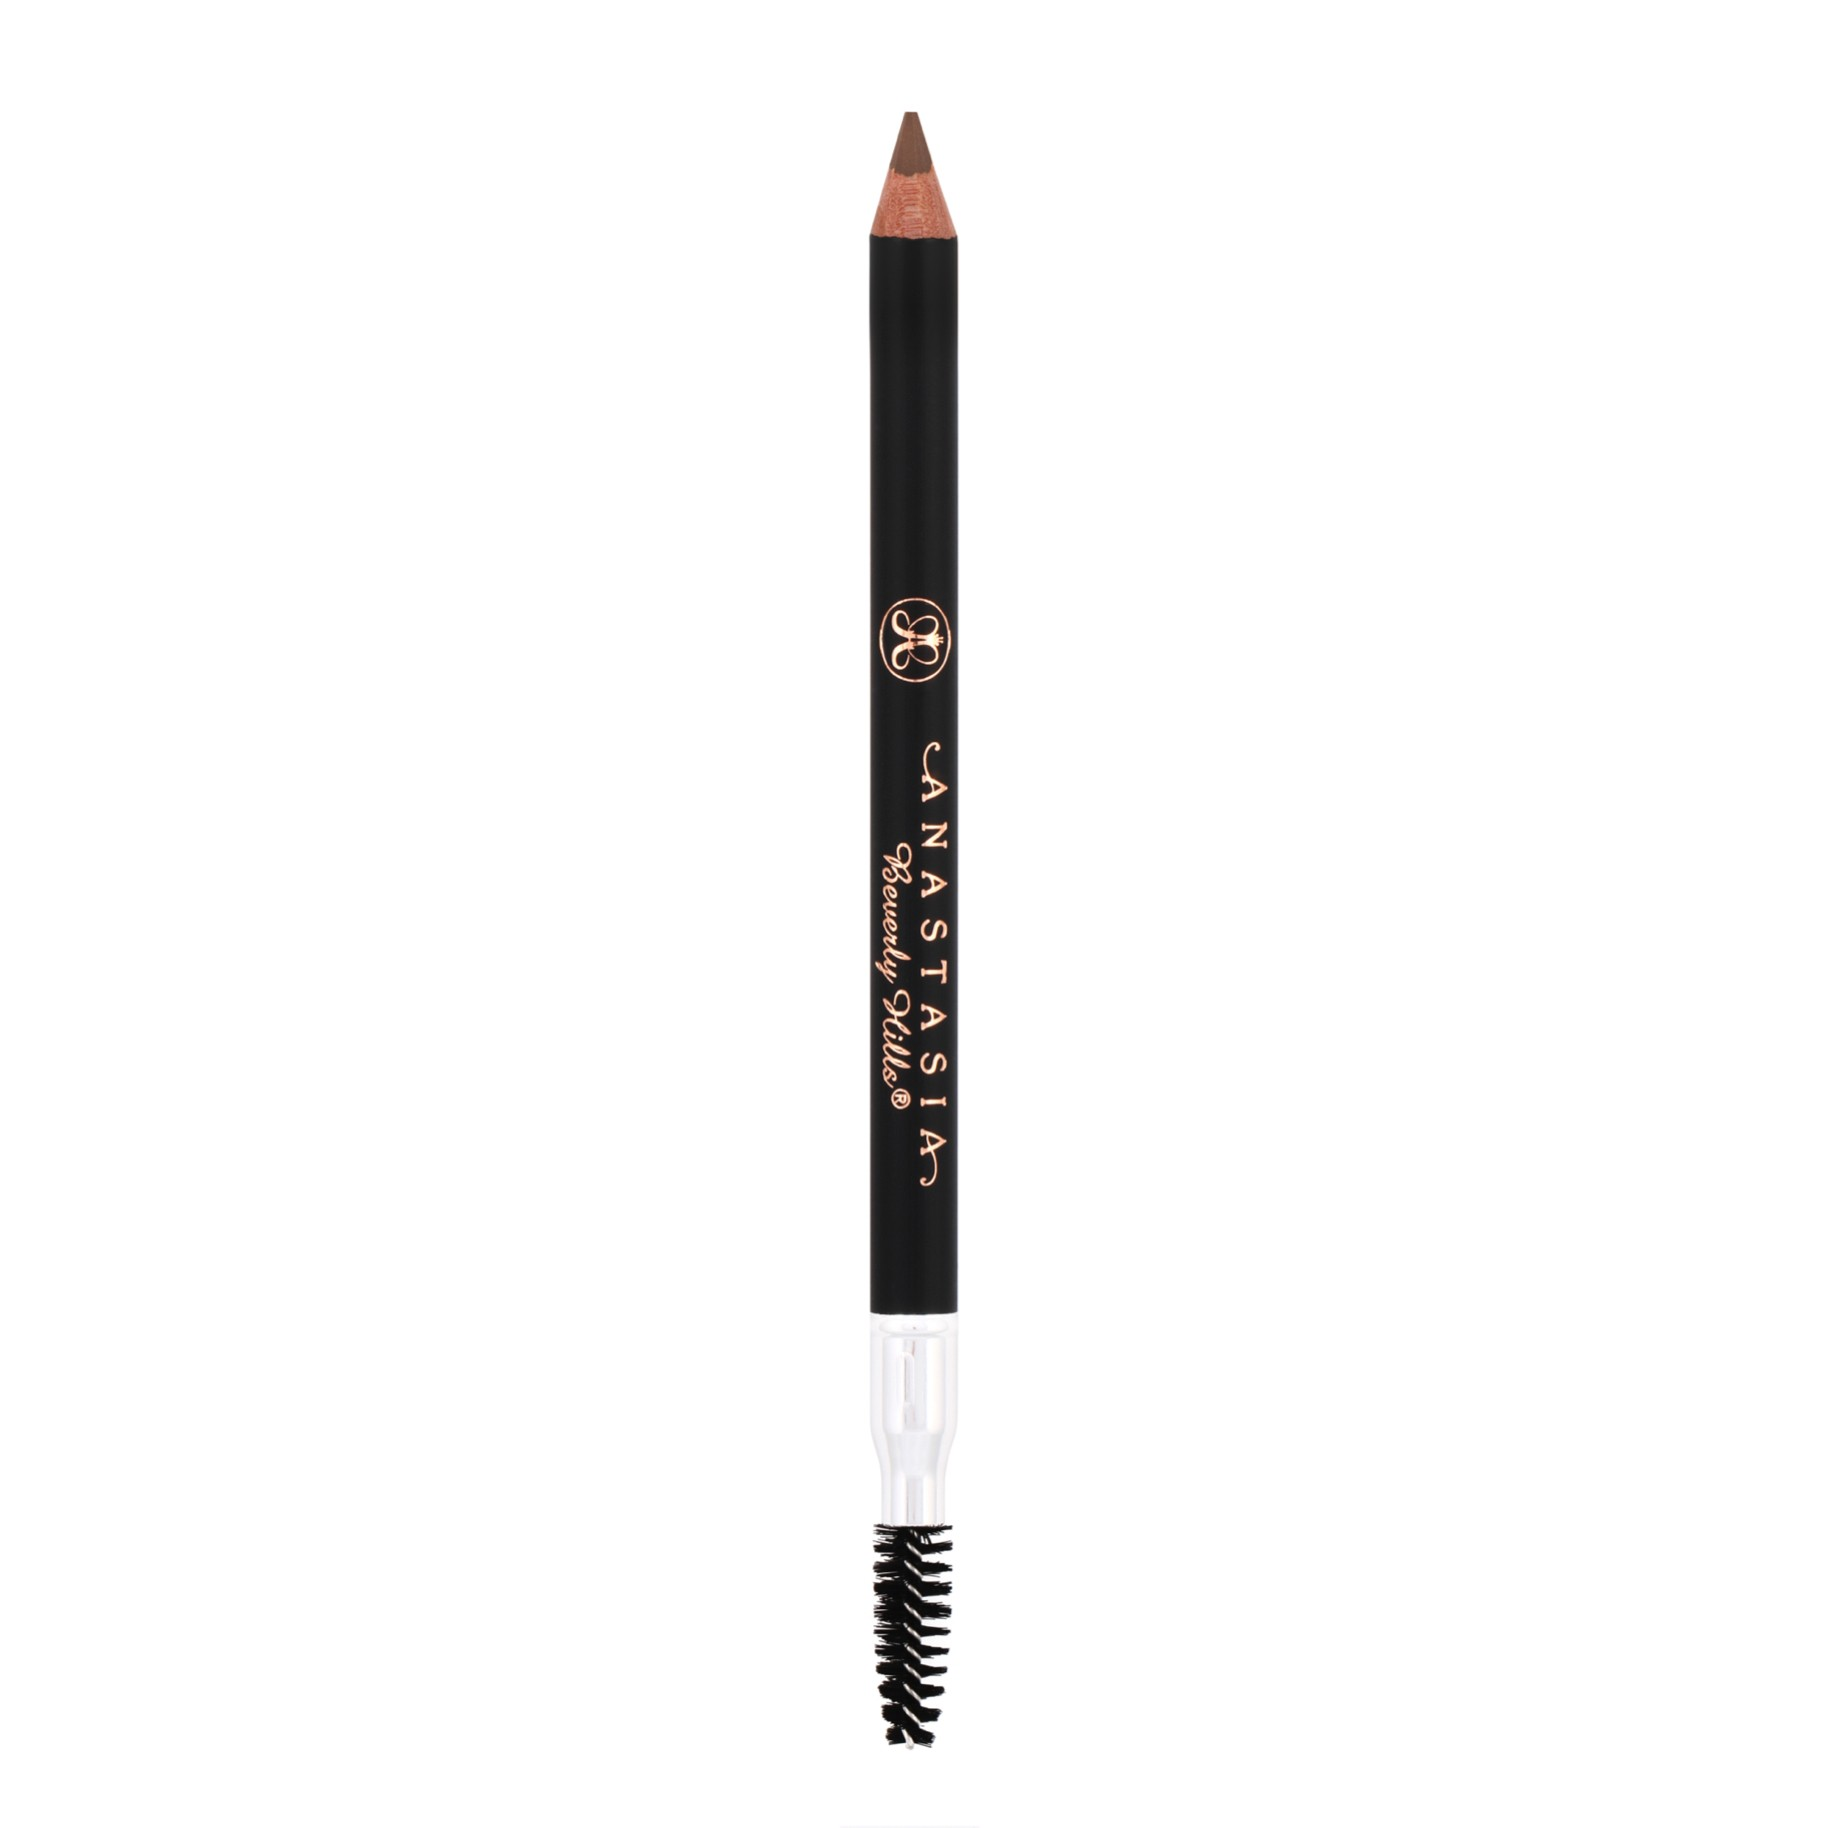 ANASTASIA BEVERLY HILLS Карандаш для бровей Caramel / Perfect Brow PencilКарандаши<br>Анастасия создала этот карандаш специально для того, чтобы сделать ваши брови еще красивее. Он незаменим для всех, кто мечтает об идеальных бровях. Компактный и простой в применении карандаш, который практически не занимает места в вашей сумочке и всегда под рукой. Способ применения: нанесите на увлажненную или сухую кожу короткими штриховыми движениями, заполняя пространство между волосками. Вторую сторону карандаша использовать для добавления объема бровям, взбивая волоски вверх короткими ударами.<br>